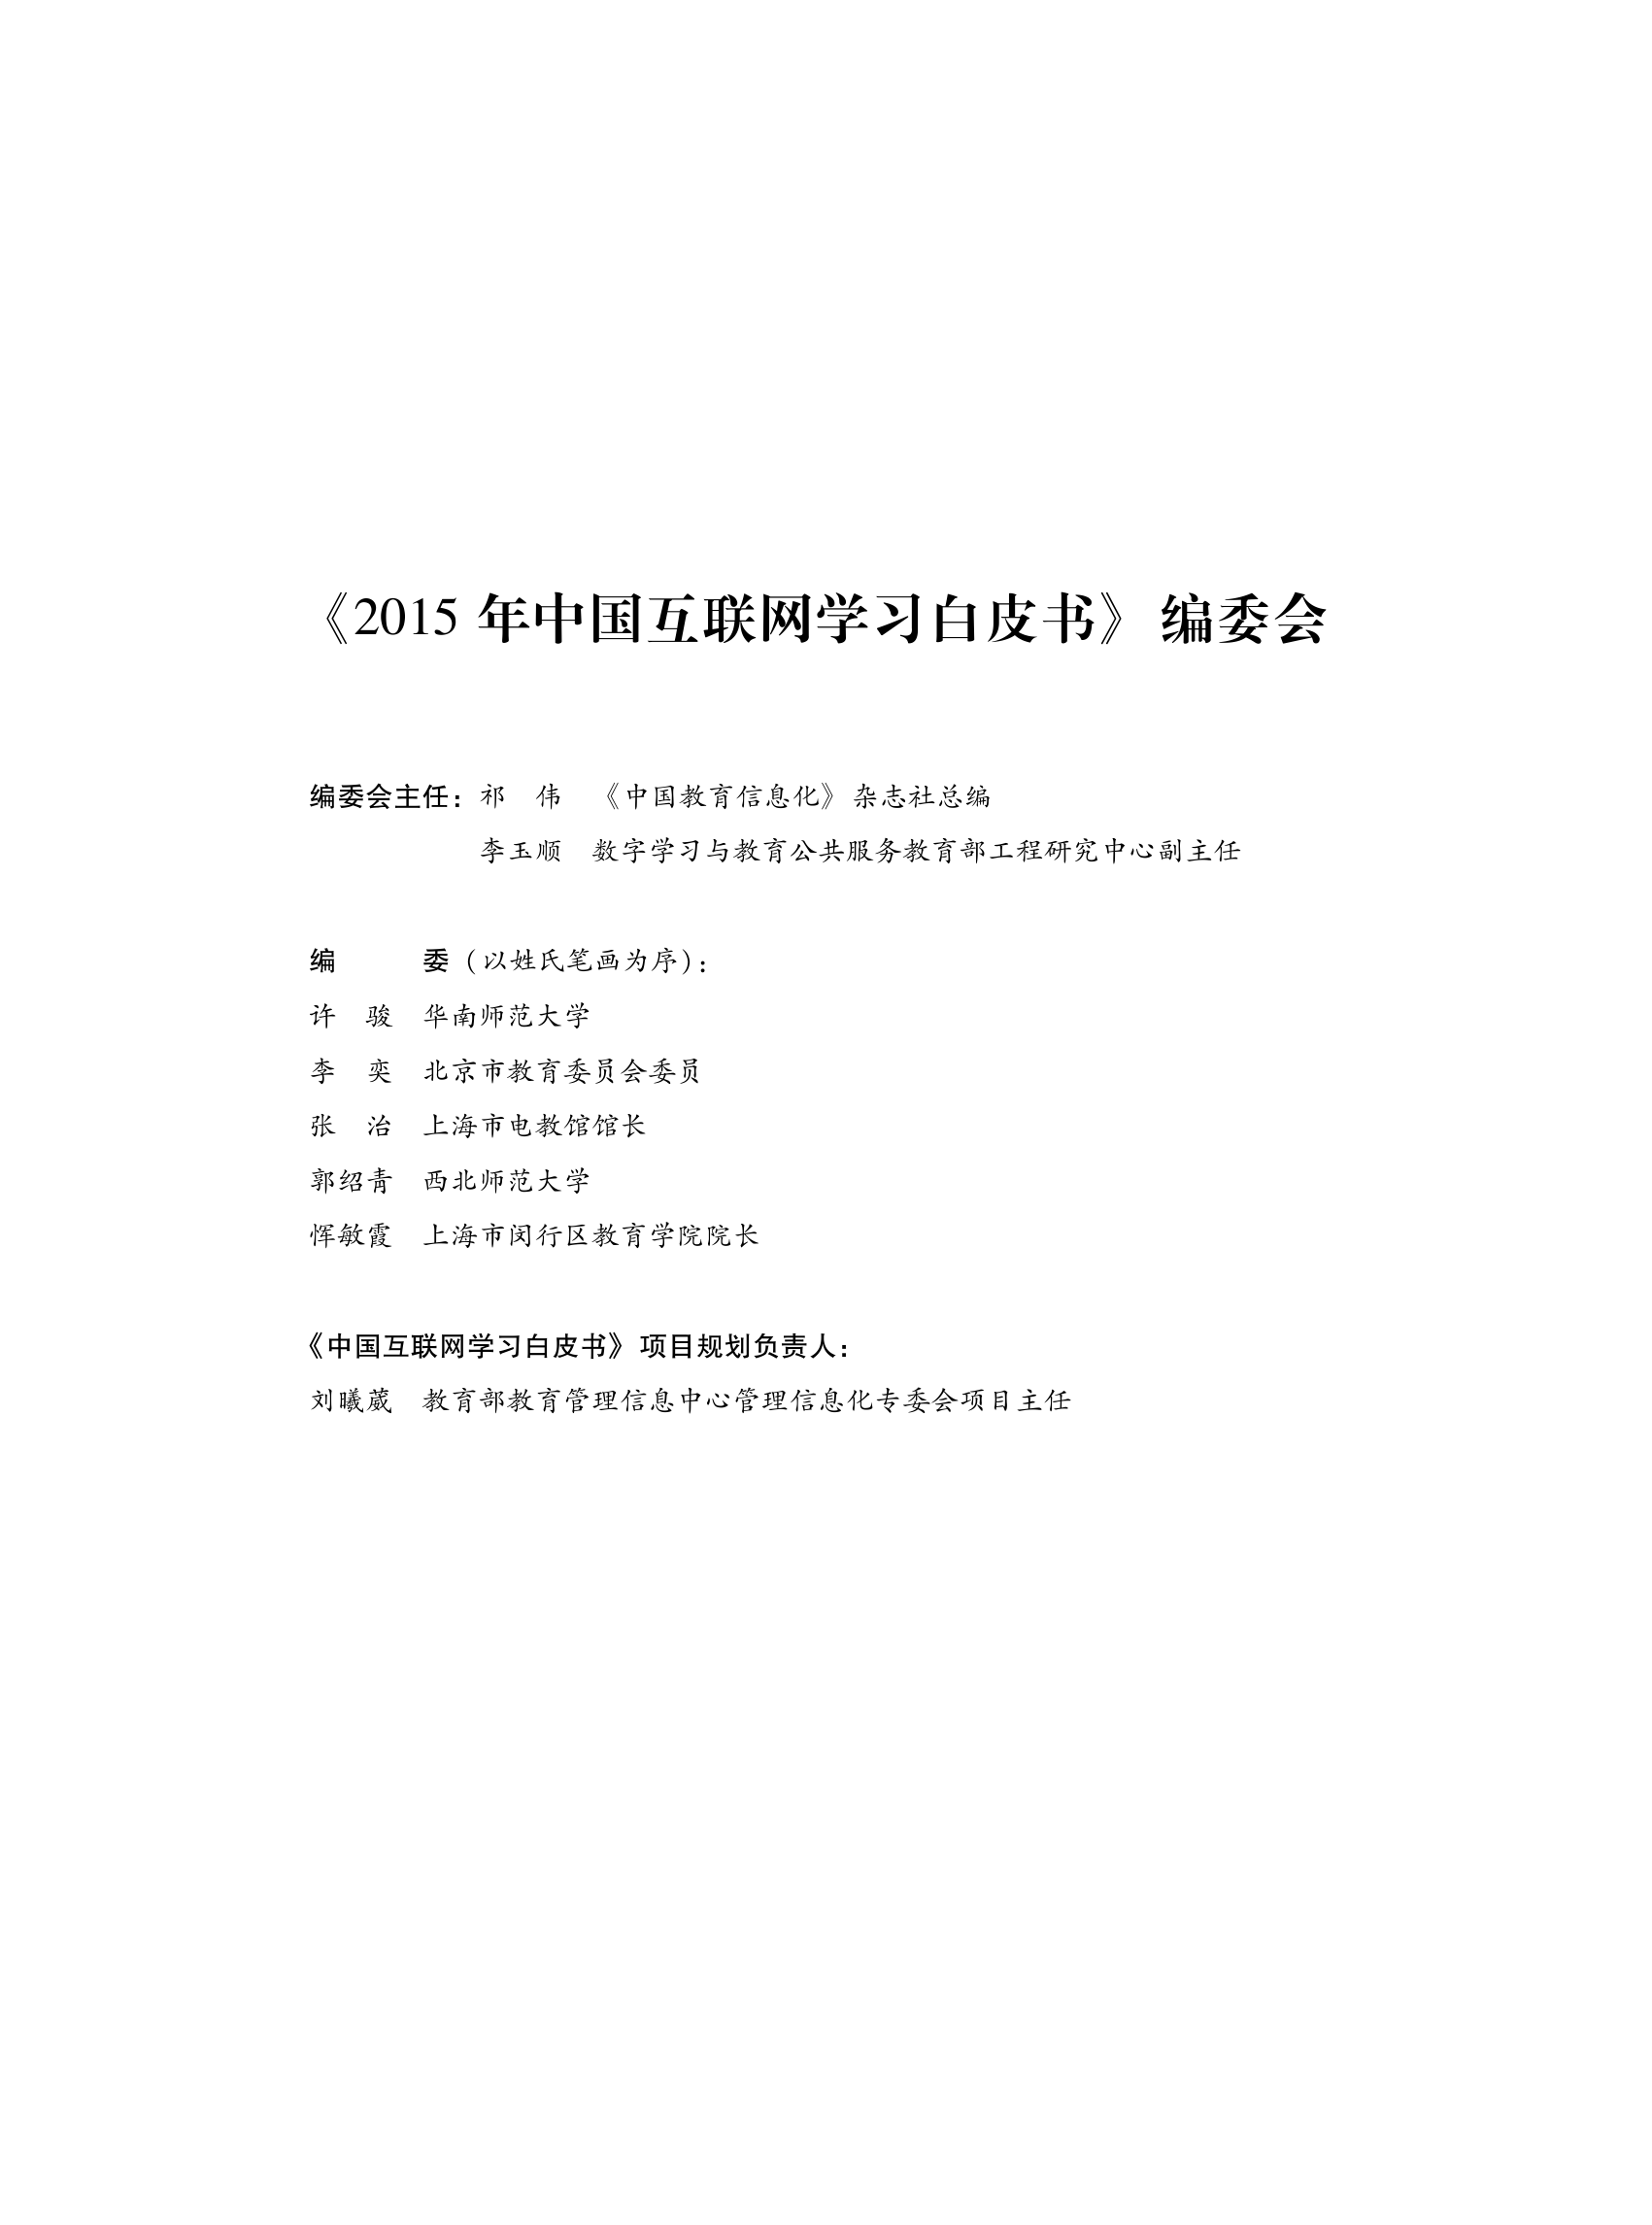 2015年中国互联网学习白皮书_000004